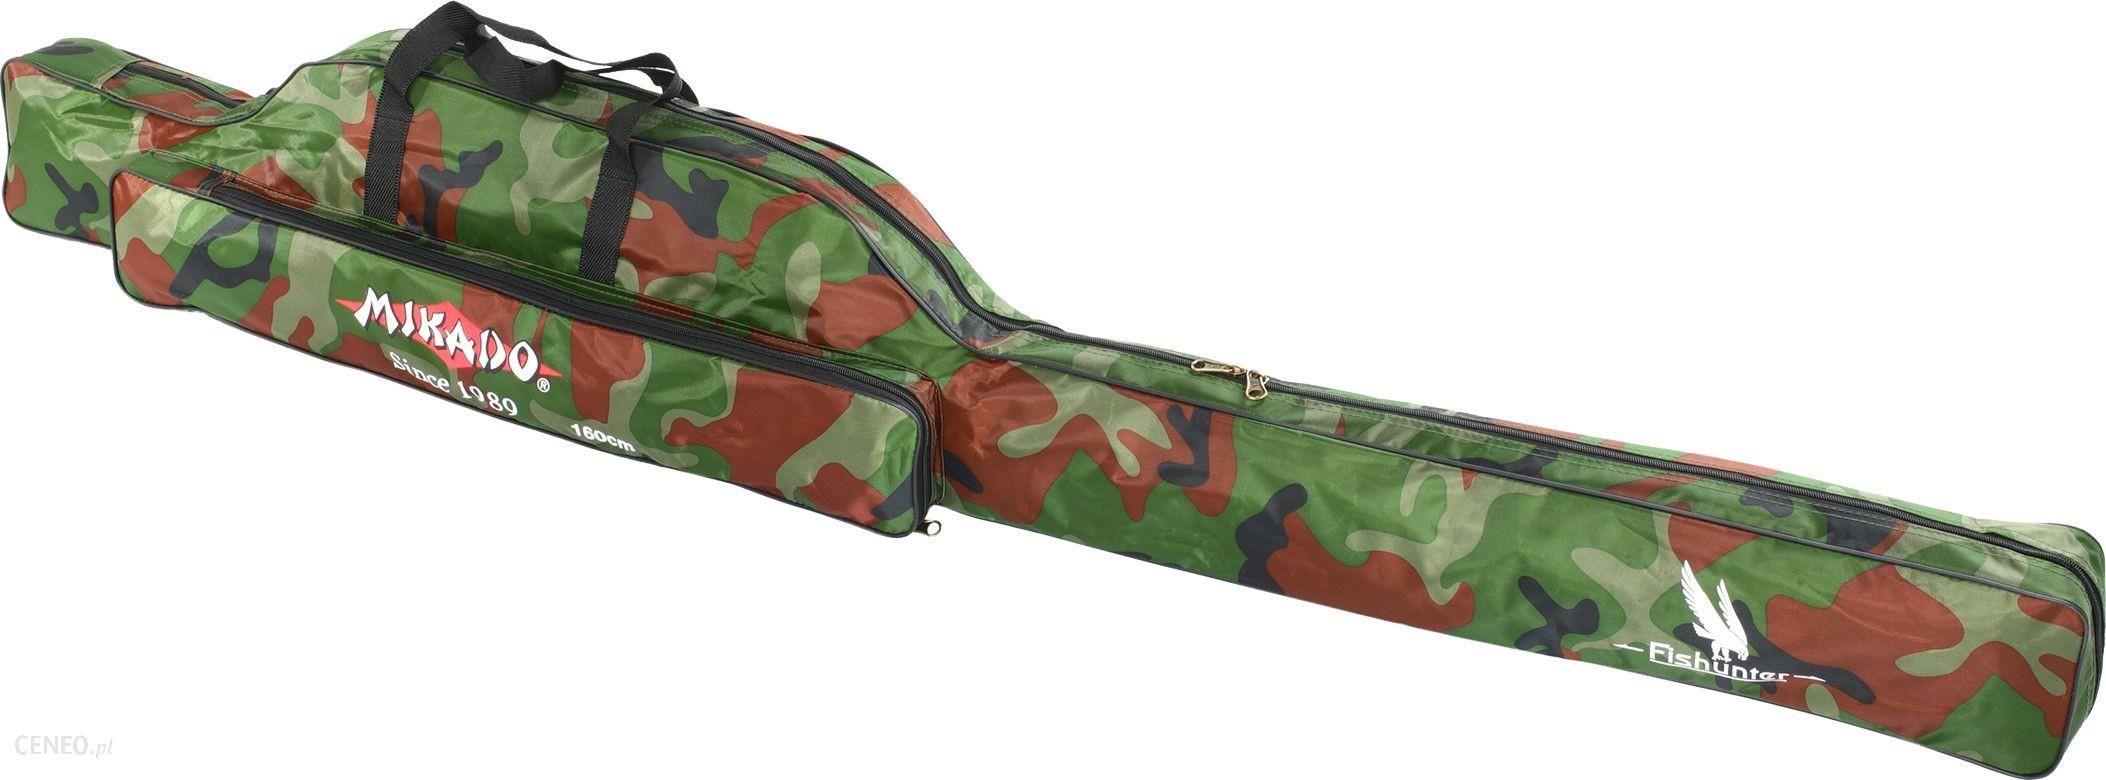 Mikado Pokrowiec Wędk. 1 Komorowy 100Cm Camouflage